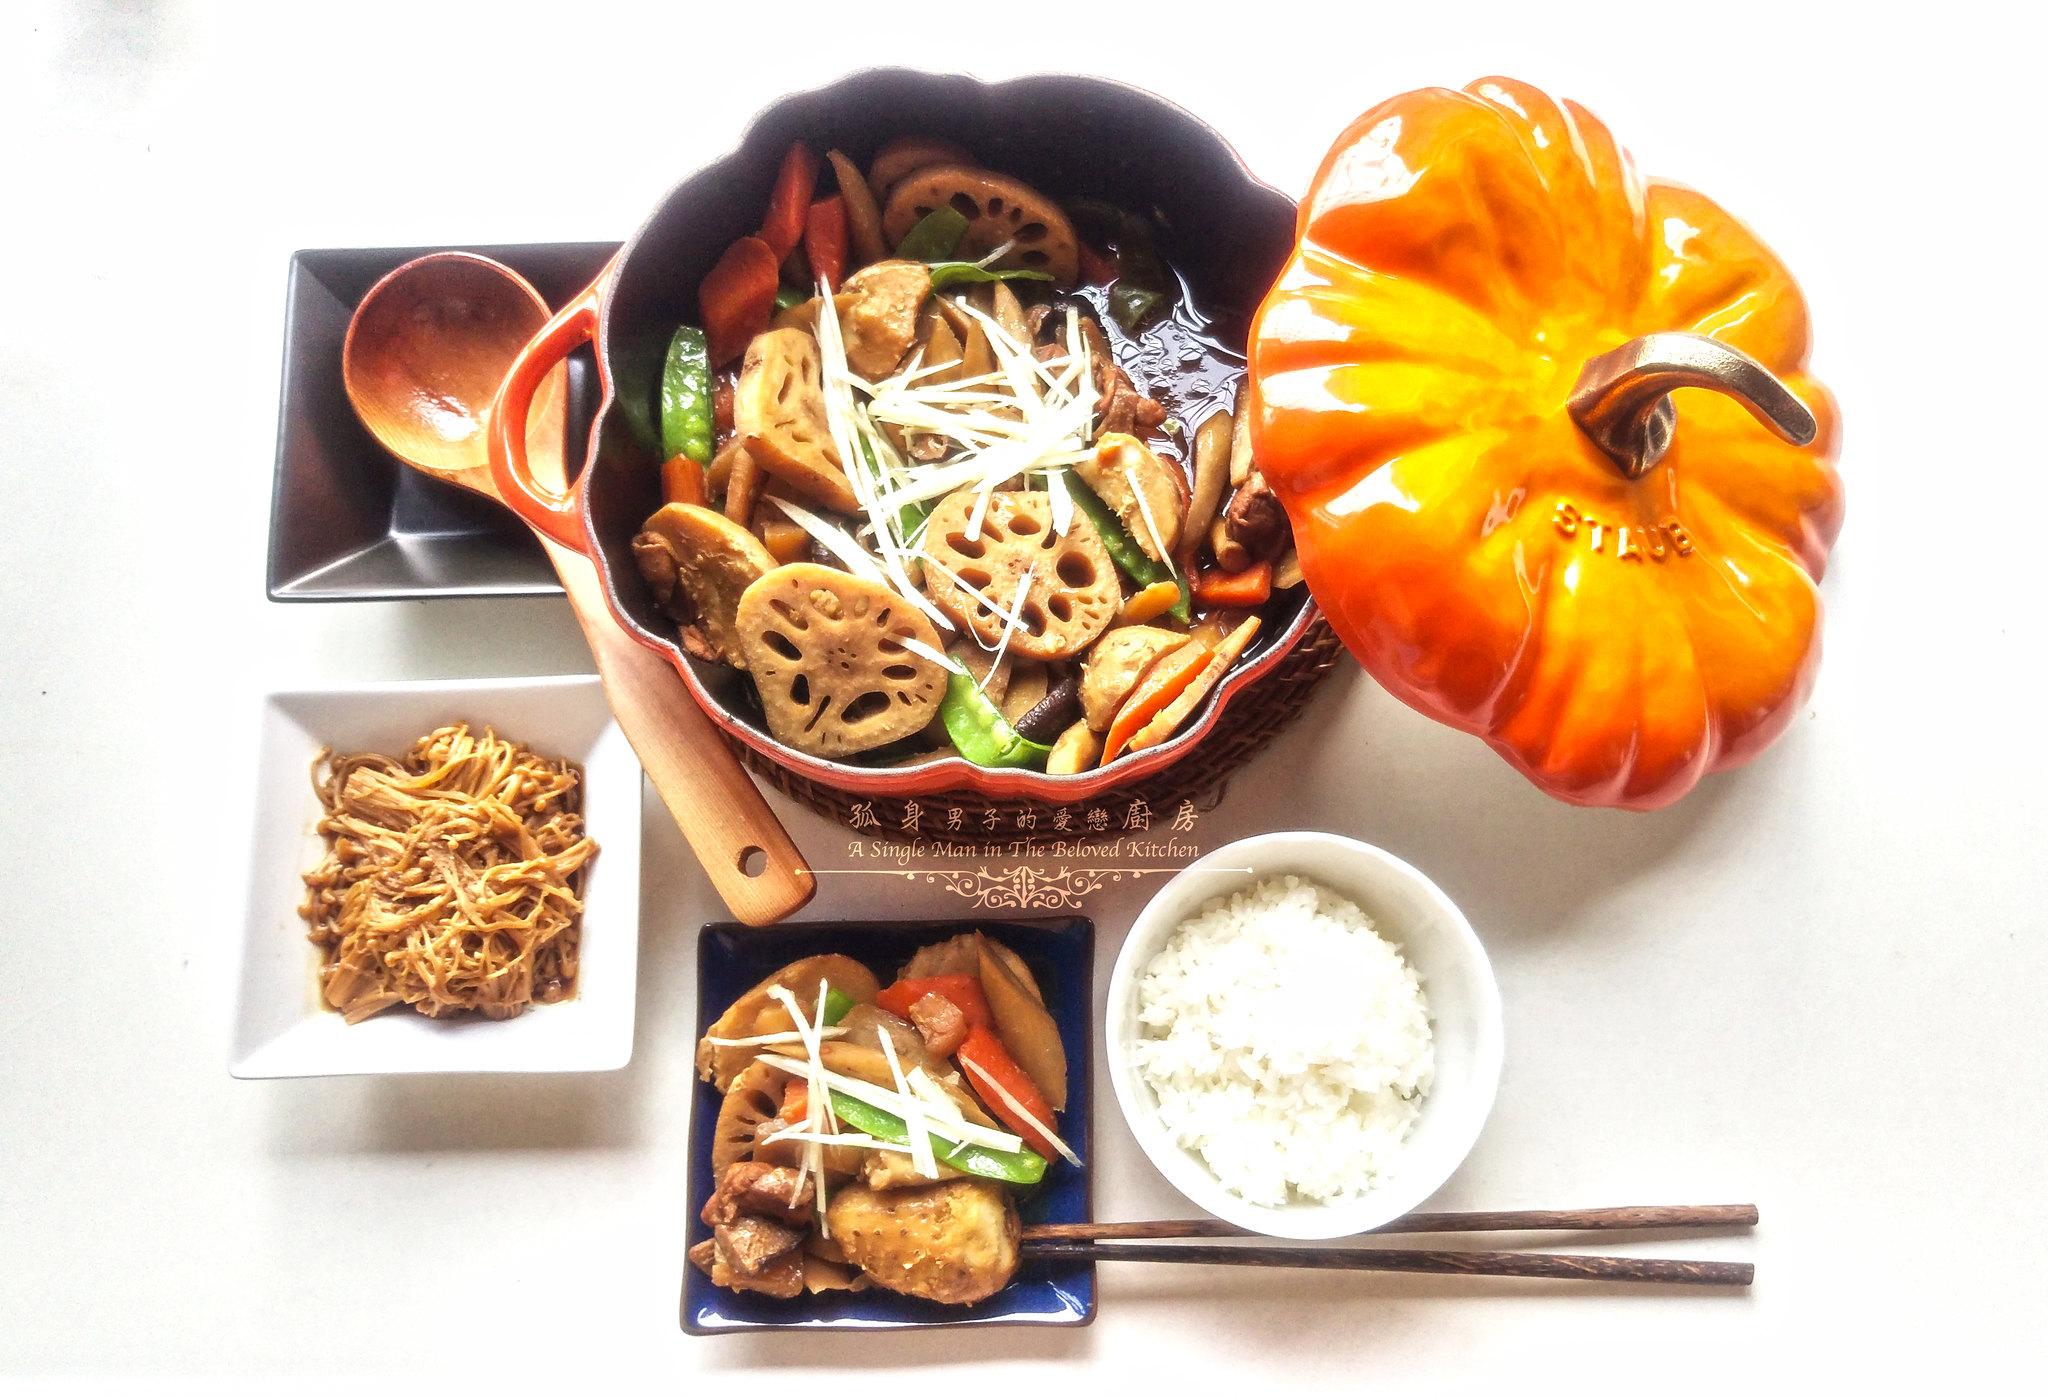 孤身廚房-食譜書《常備菜》試作——筑前煮、醬煮金針菇。甜滋滋溫暖和風味21